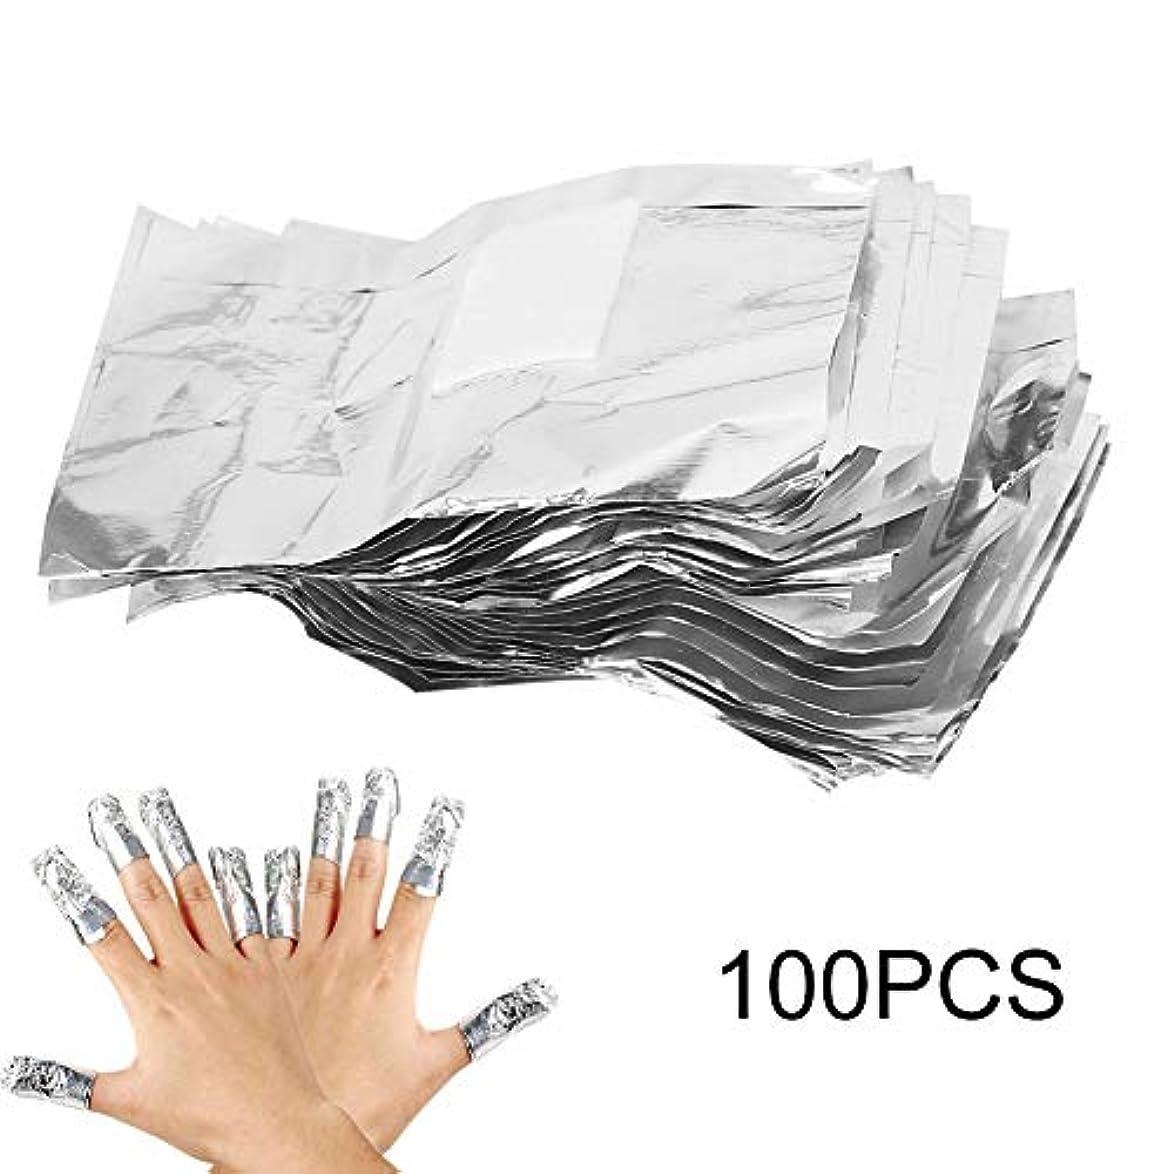 戦闘クレジット粘り強いネイルポリッシュリムーバークリップ マニキュアの除去剤 錫ホイル 100Pcs オレンジ 色棒付き紫外線ゲルの除去剤の綿パッドを包みます